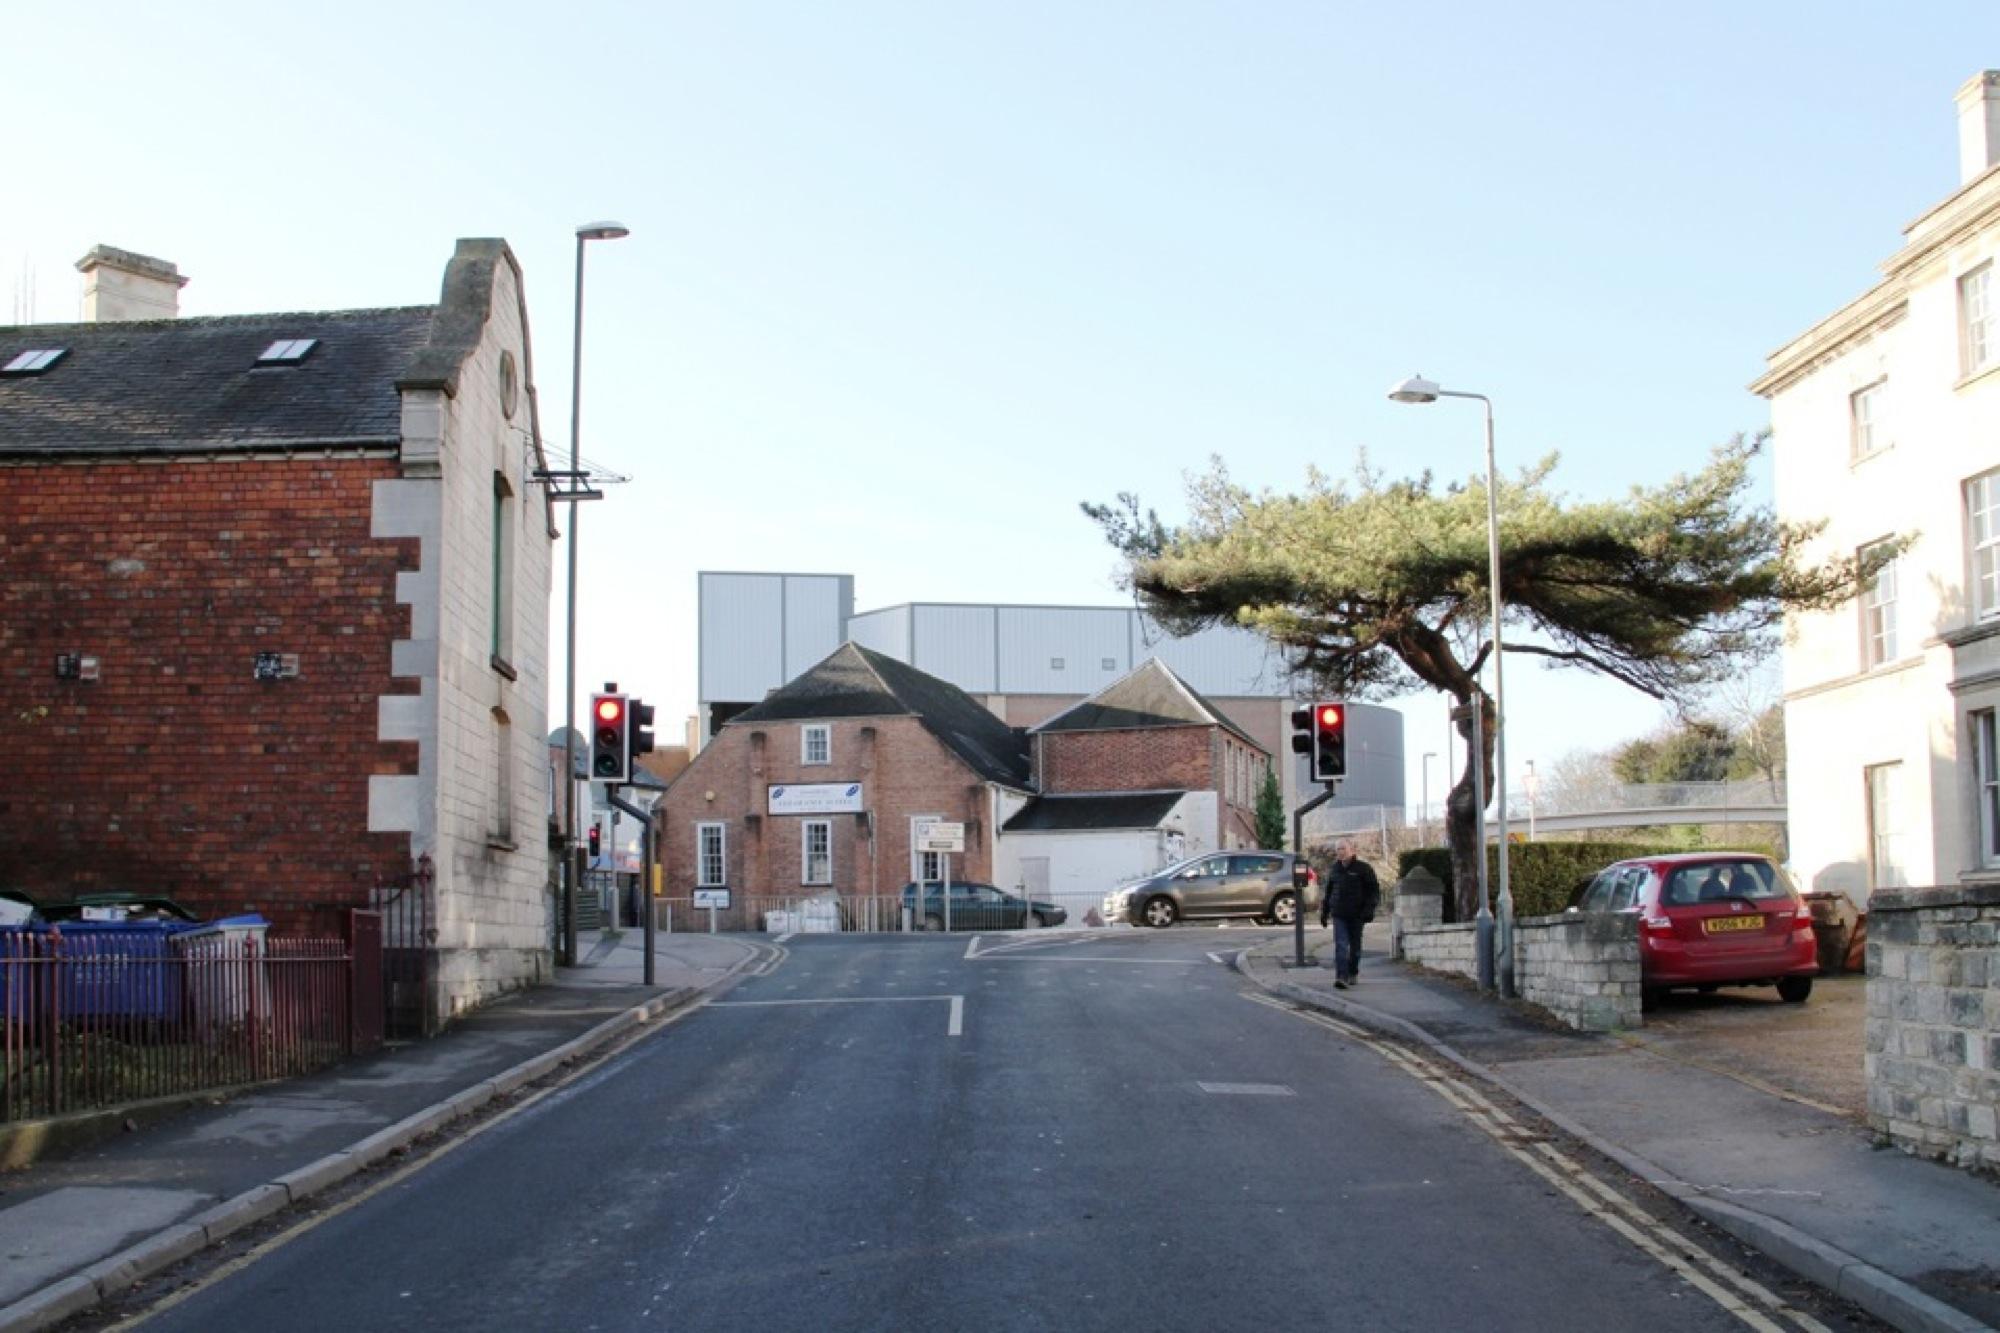 Stroud planning proposal – original site photograph